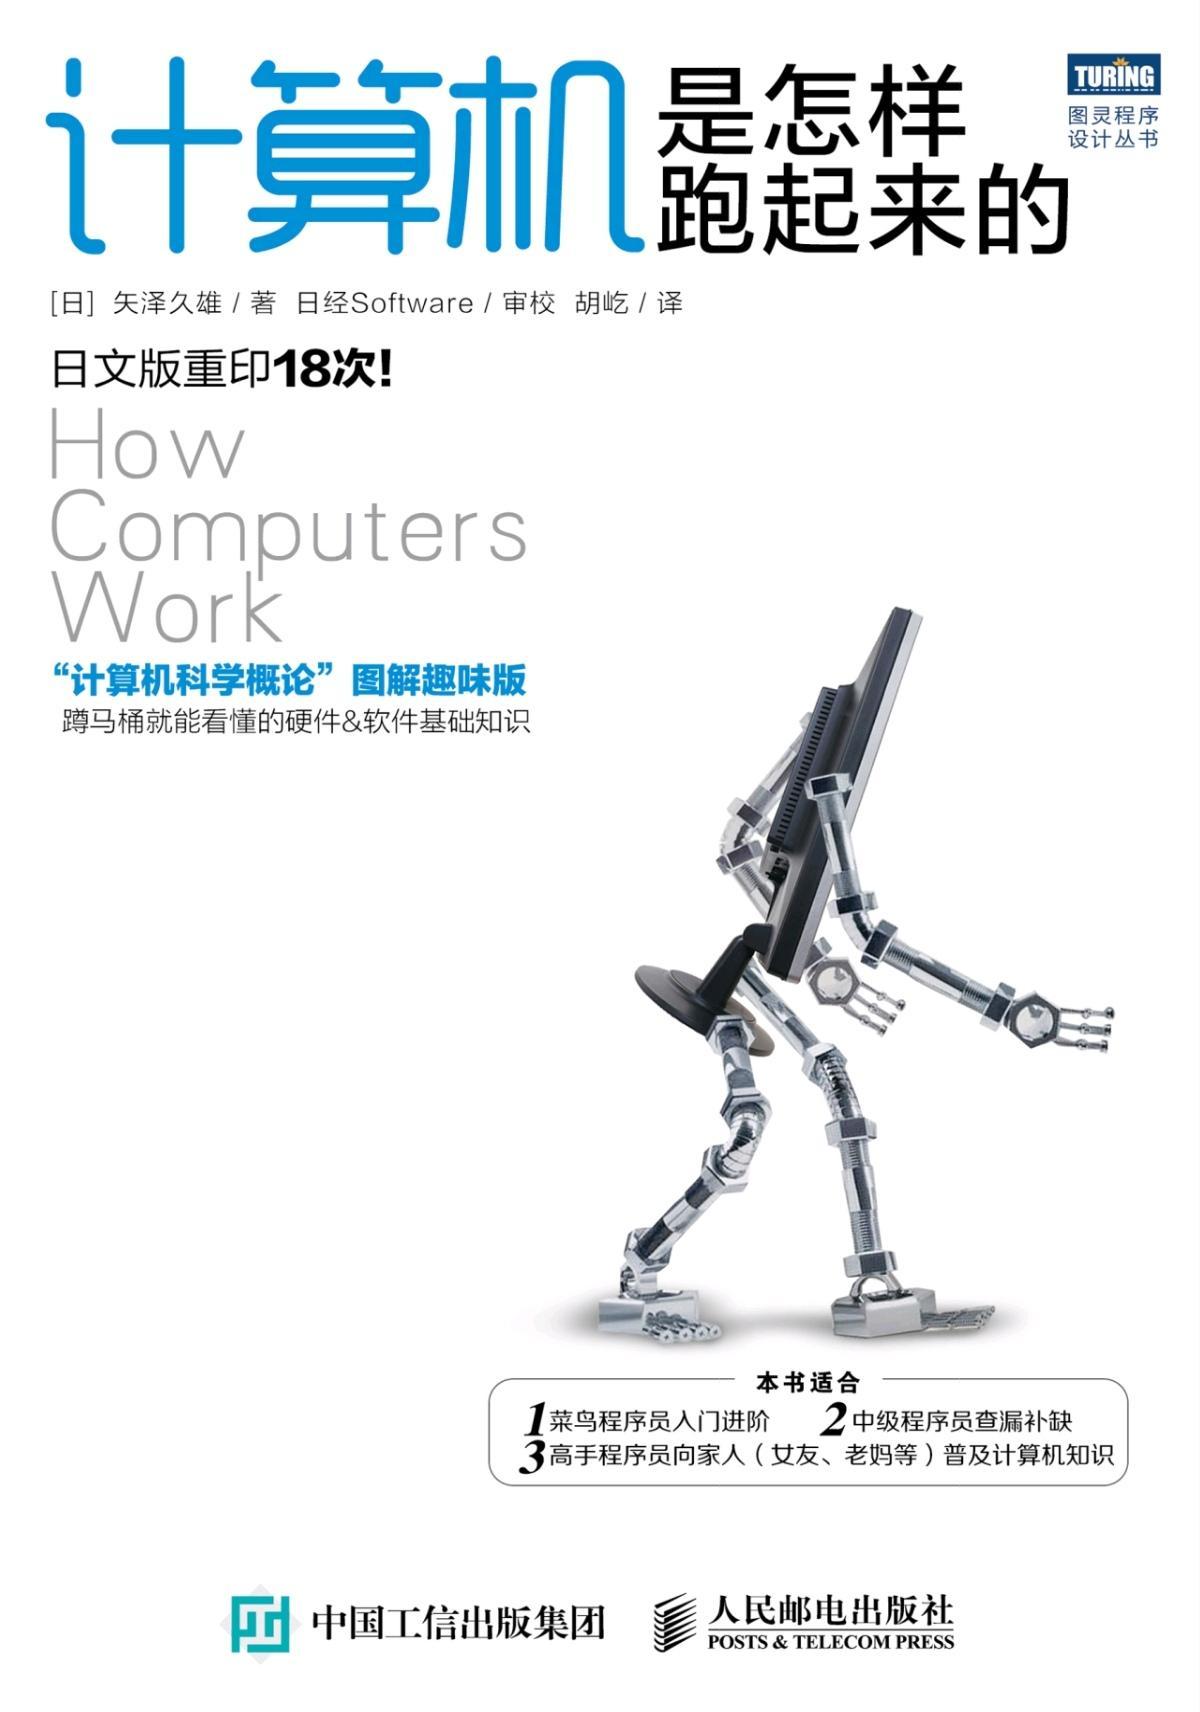 计算机是怎样跑起来的[中][日-矢泽久雄]